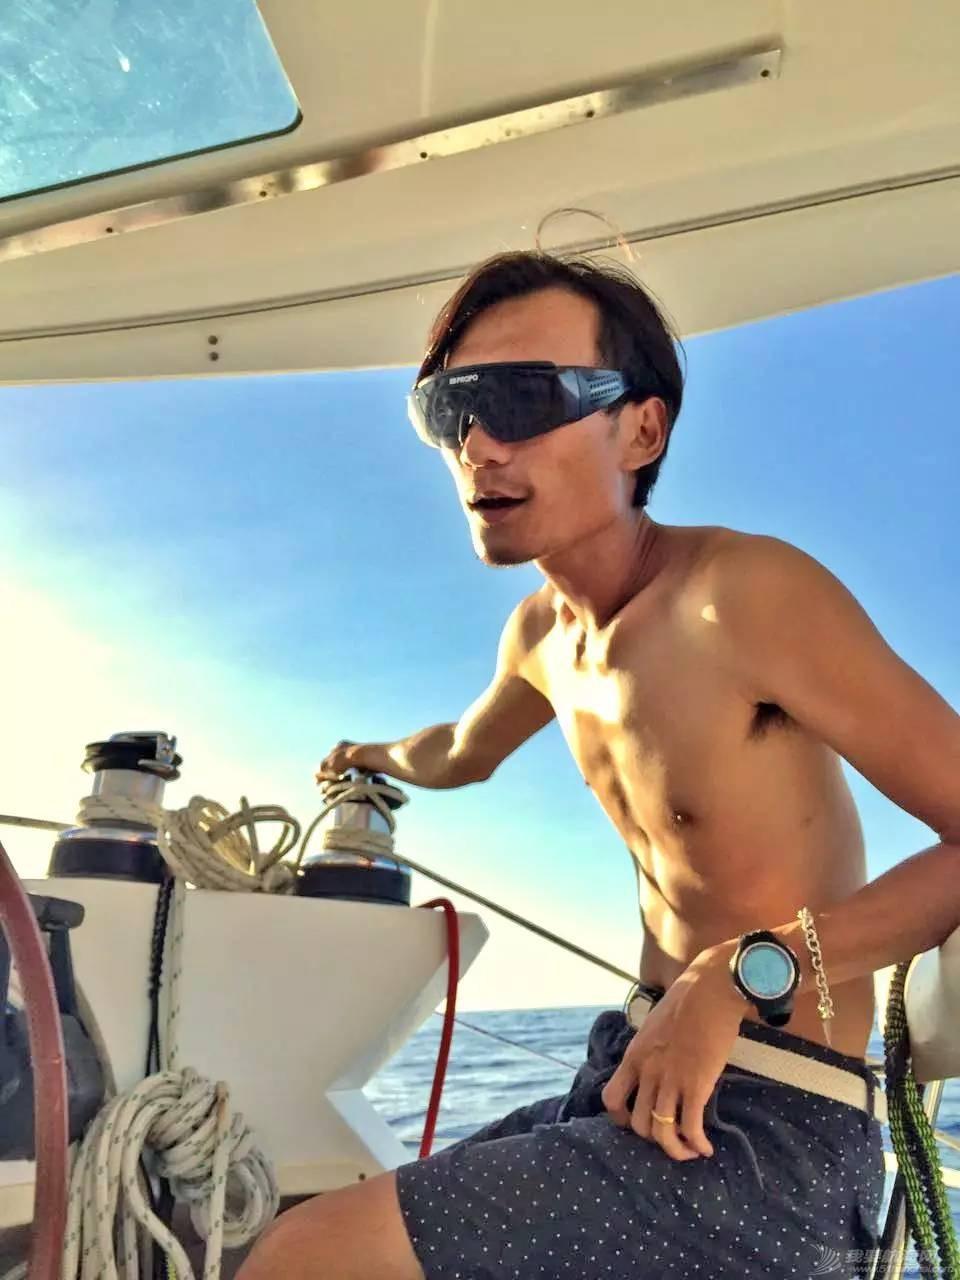 菲律宾,东南亚,照片,左右 3000海里远航东南亚//第二站【菲律宾-东马】 f1466ff7175d5f006f0d5ba823a649b0.jpg